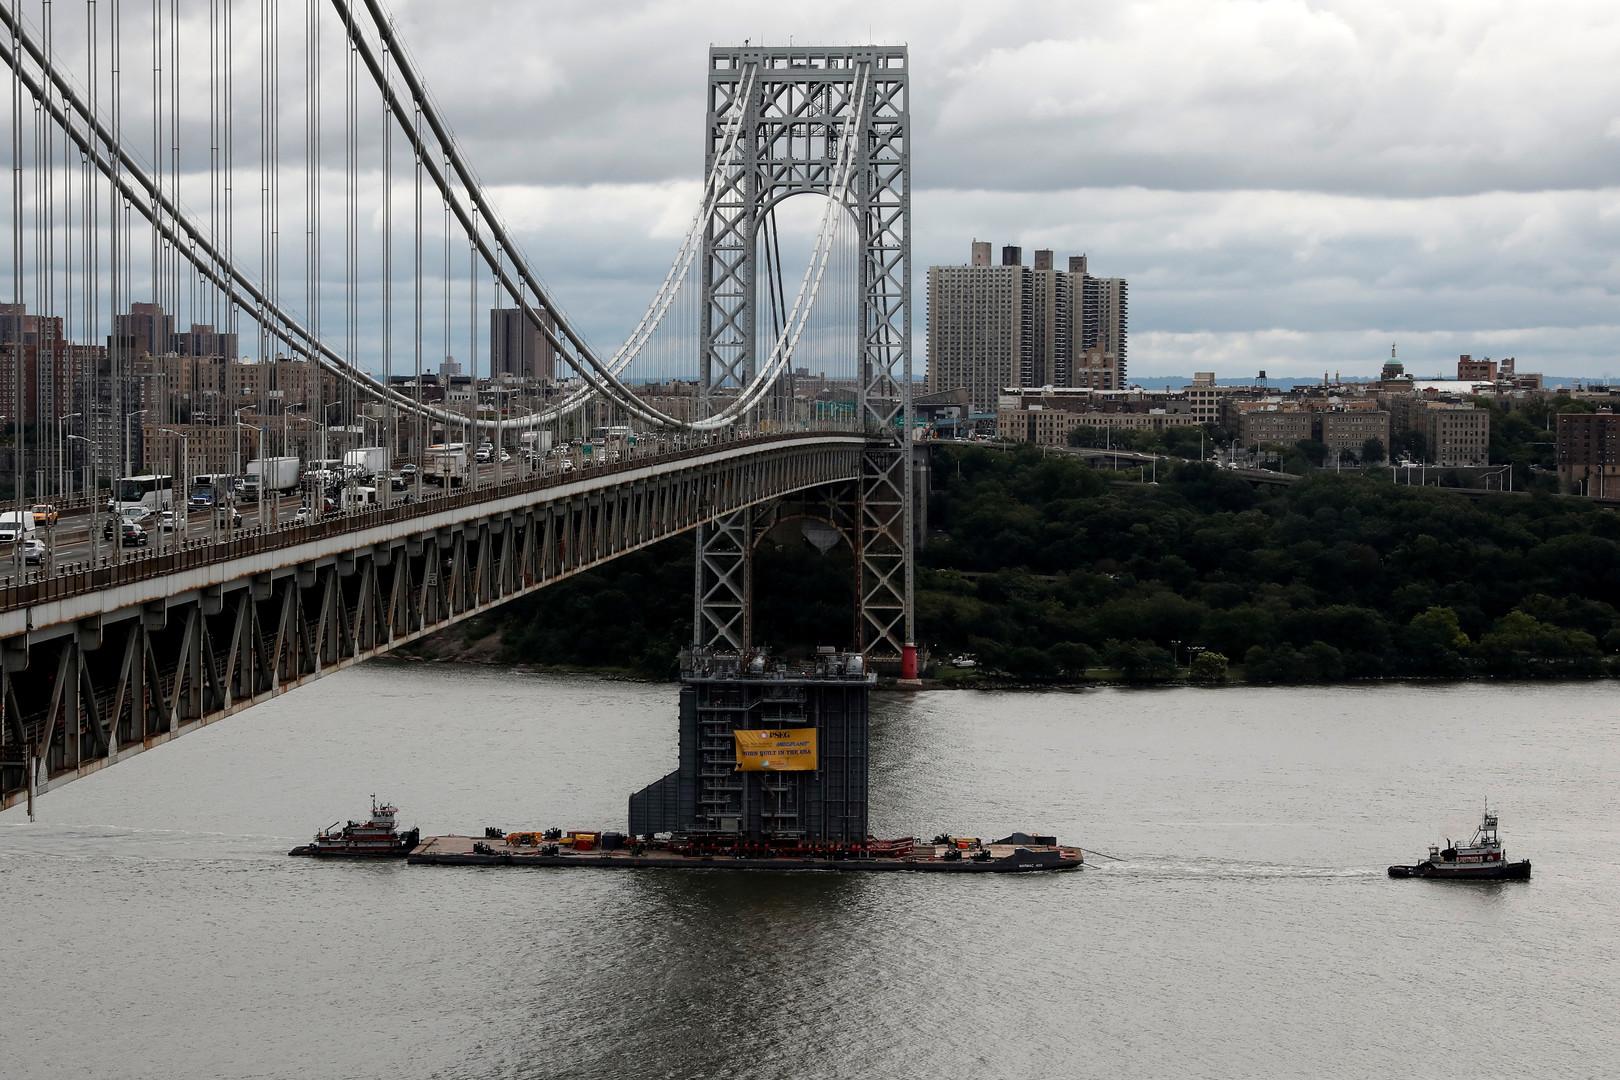 إغلاق جسر جورج واشنطن في نيويورك بسبب تهديد بوجود قنبلة